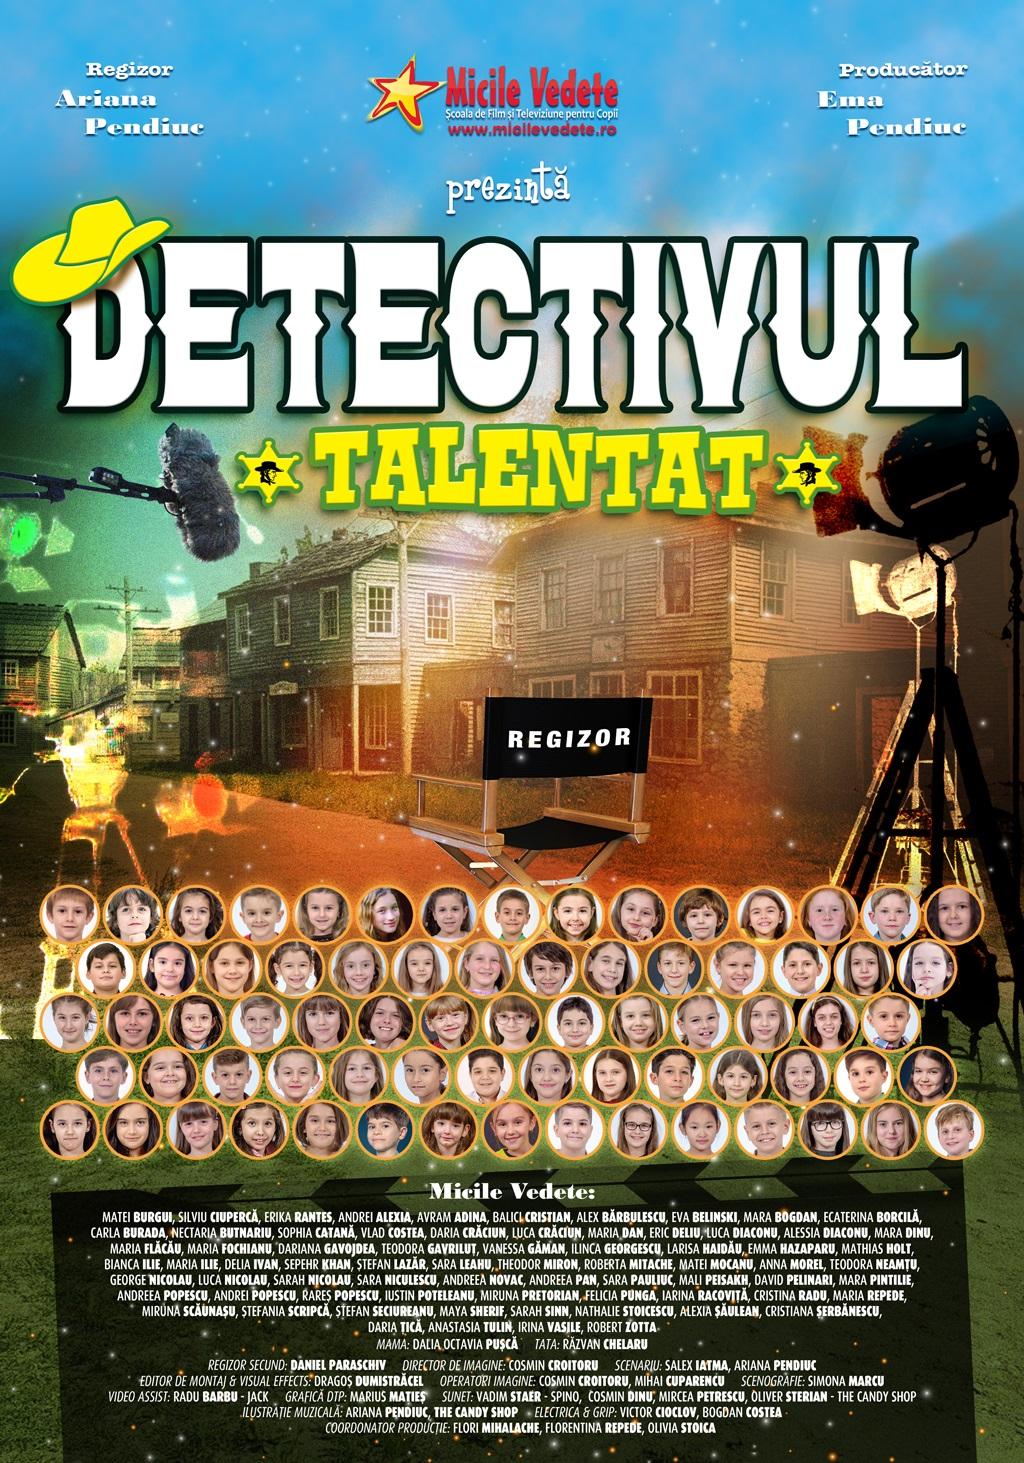 70x100_Detectivul_Talentat_b1 jpg